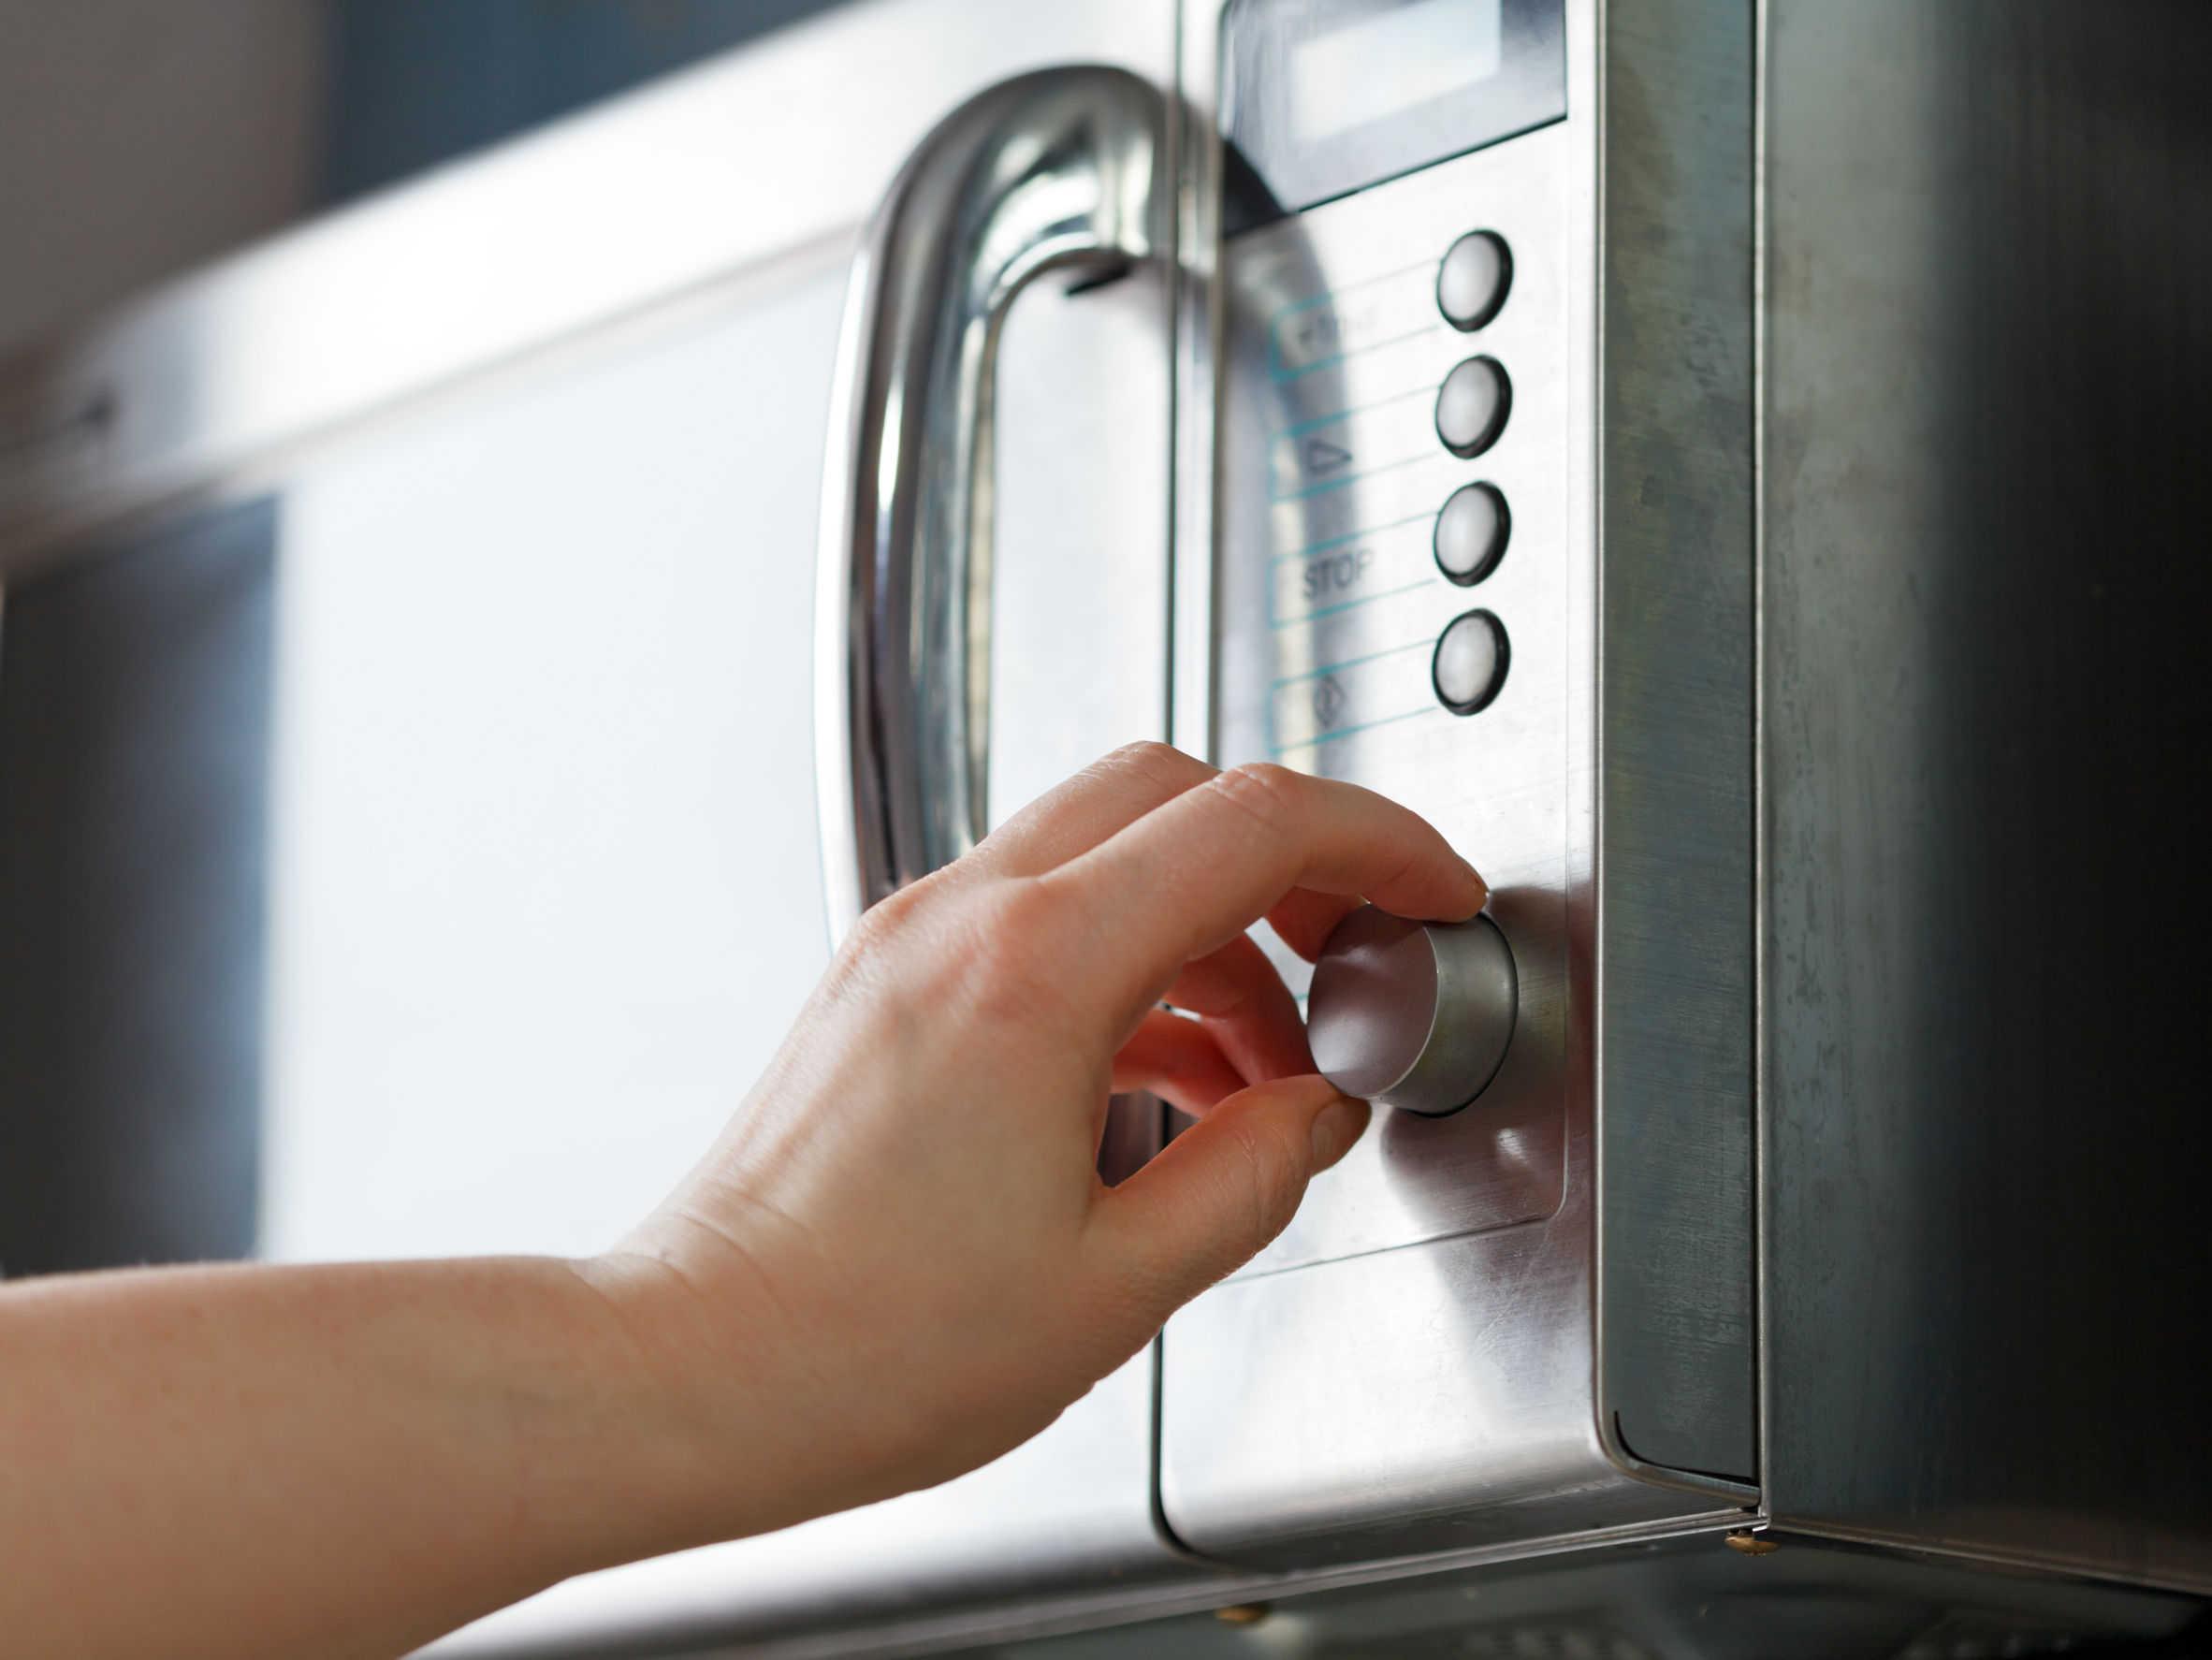 Mikrowelle mit Heißluft: Test & Empfehlungen (05/21)